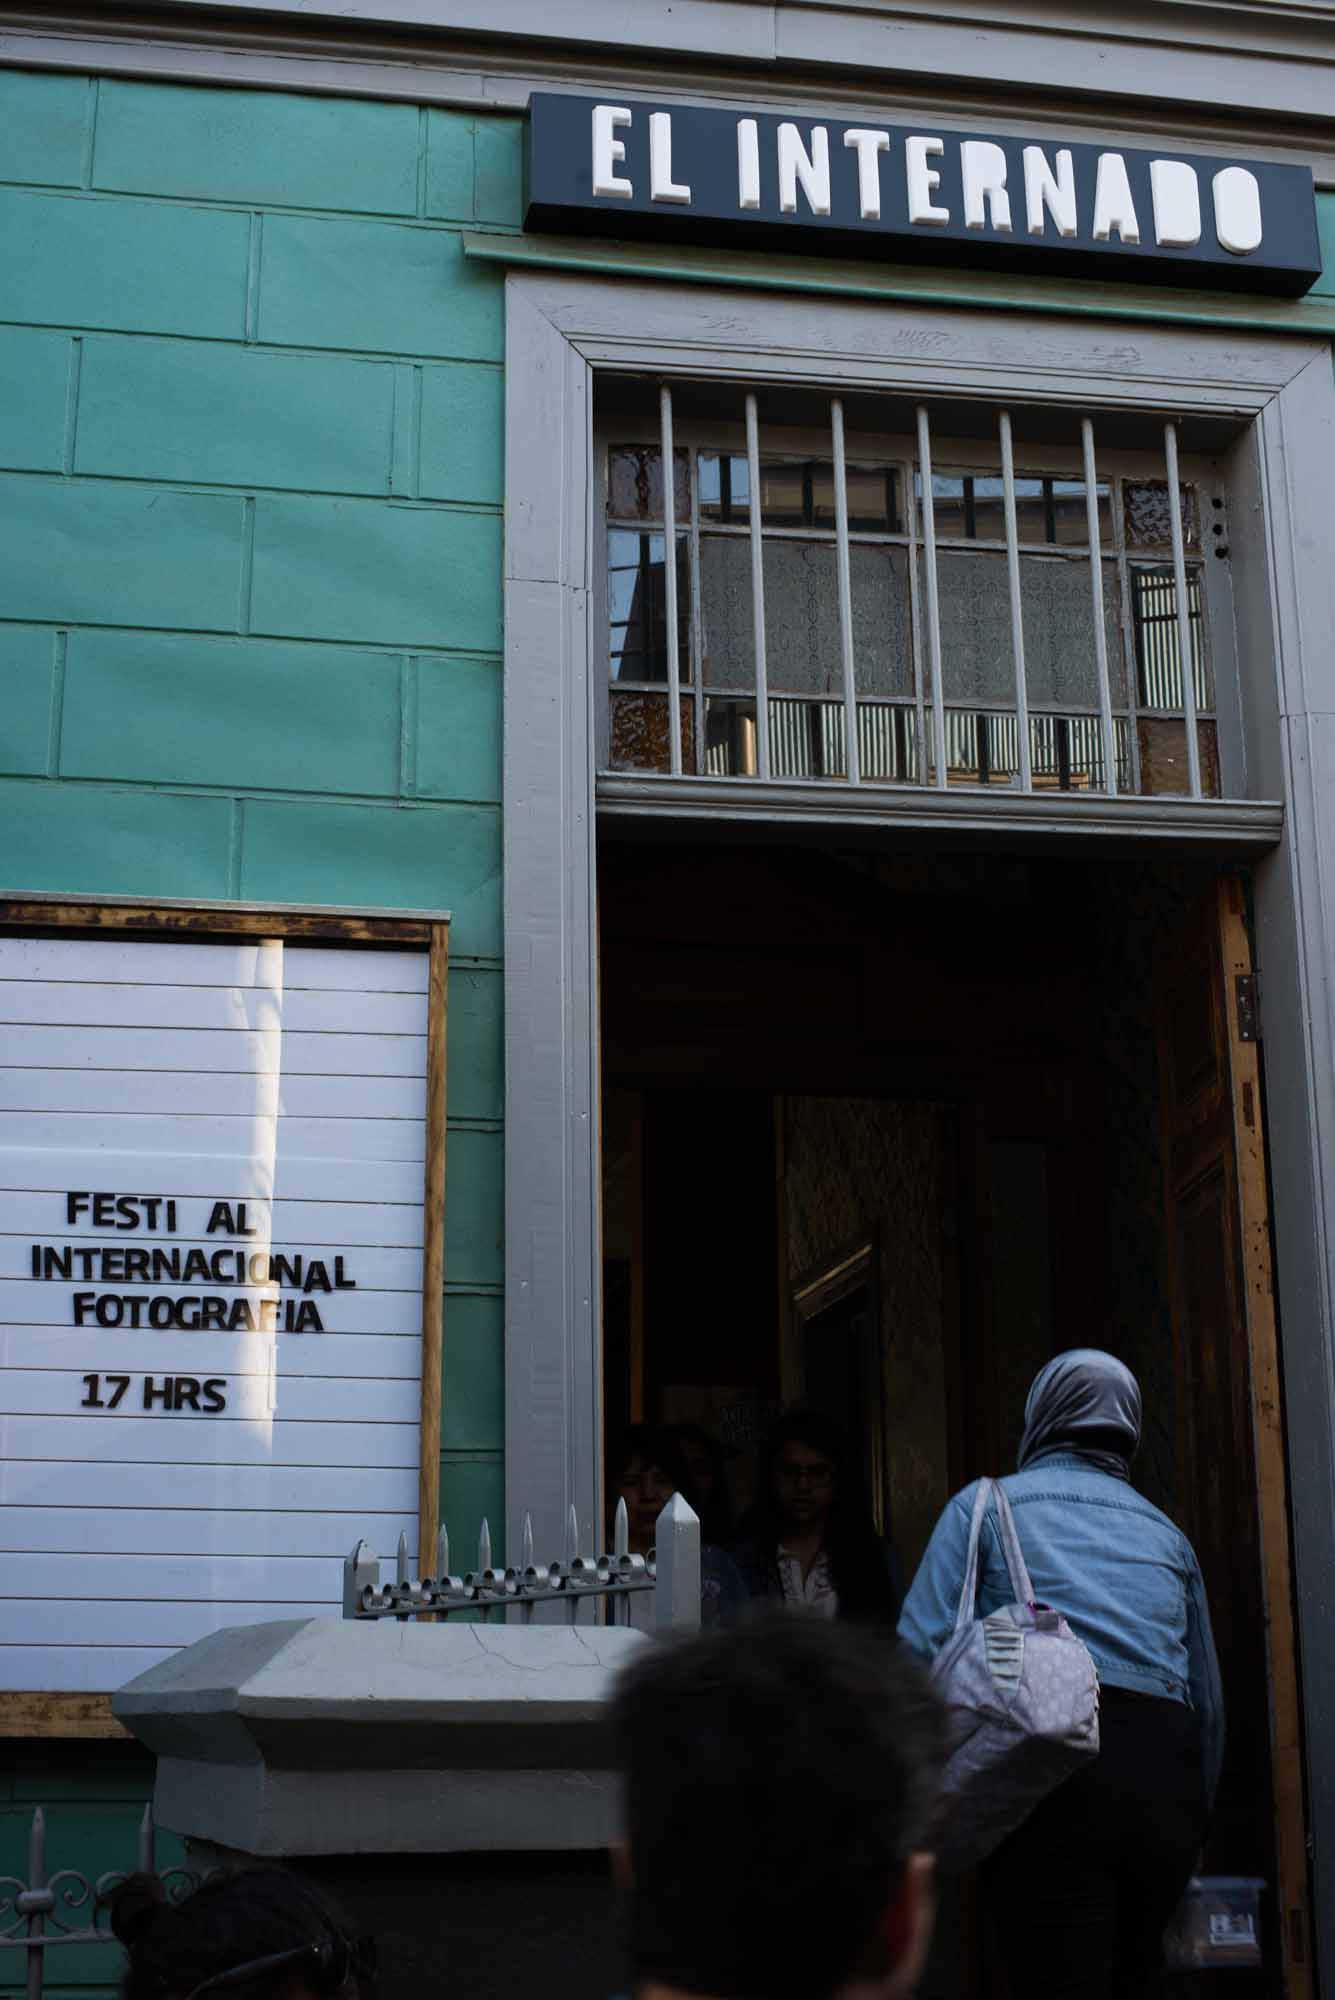 Invitados participan en Díalogos Fotográficos en el Restaurant El Internado en el marco de la 7ª edición del Festival Internacional de Fotografía en Valparaíso, FIFV 2016. ©Ignacio Lamas